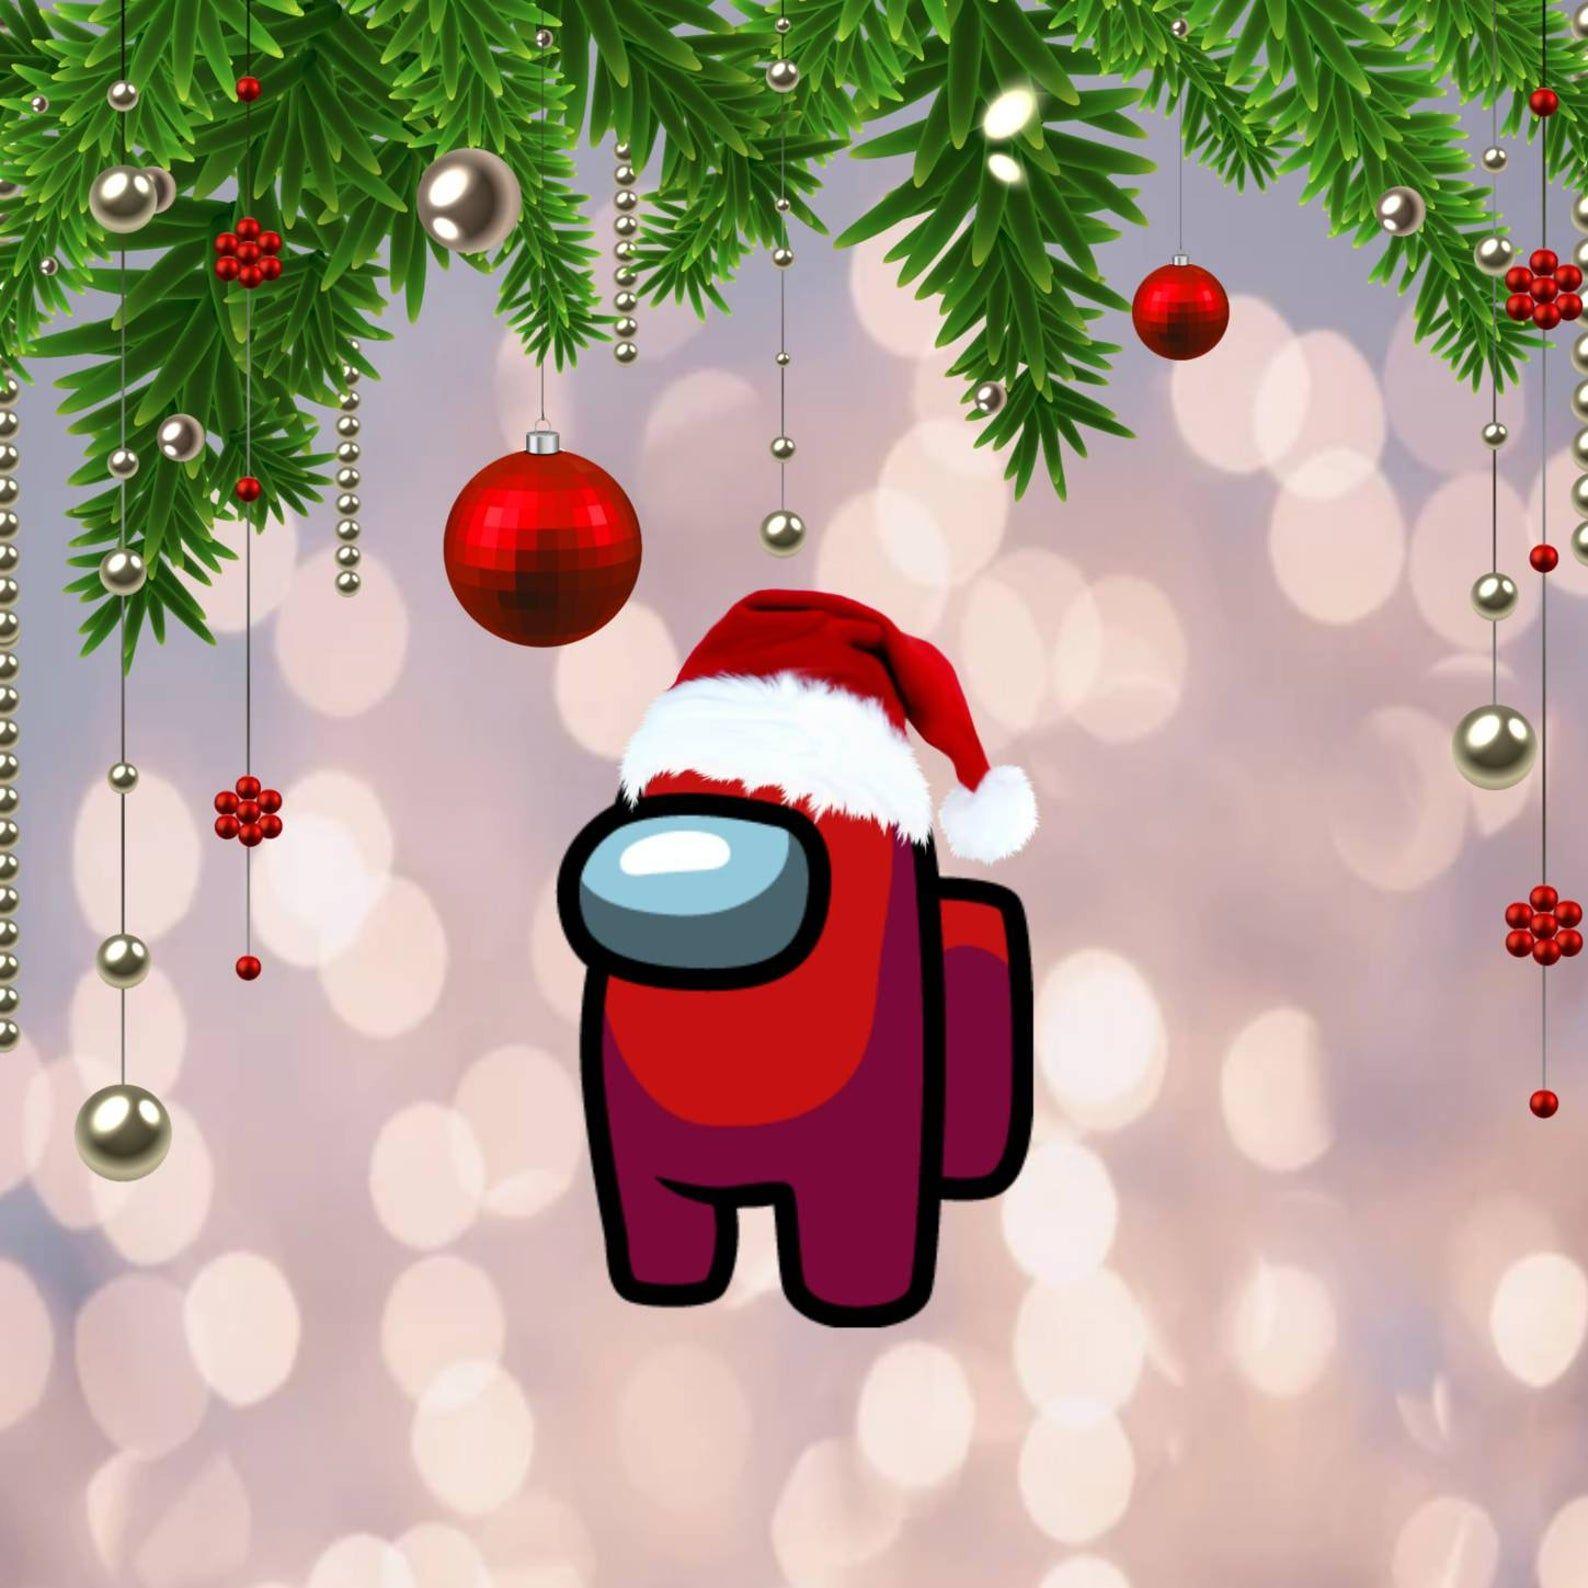 Among Us Christmas Mobile Device Background Etsy In 2021 Wallpaper Iphone Christmas Christmas Phone Wallpaper Cute Christmas Wallpaper